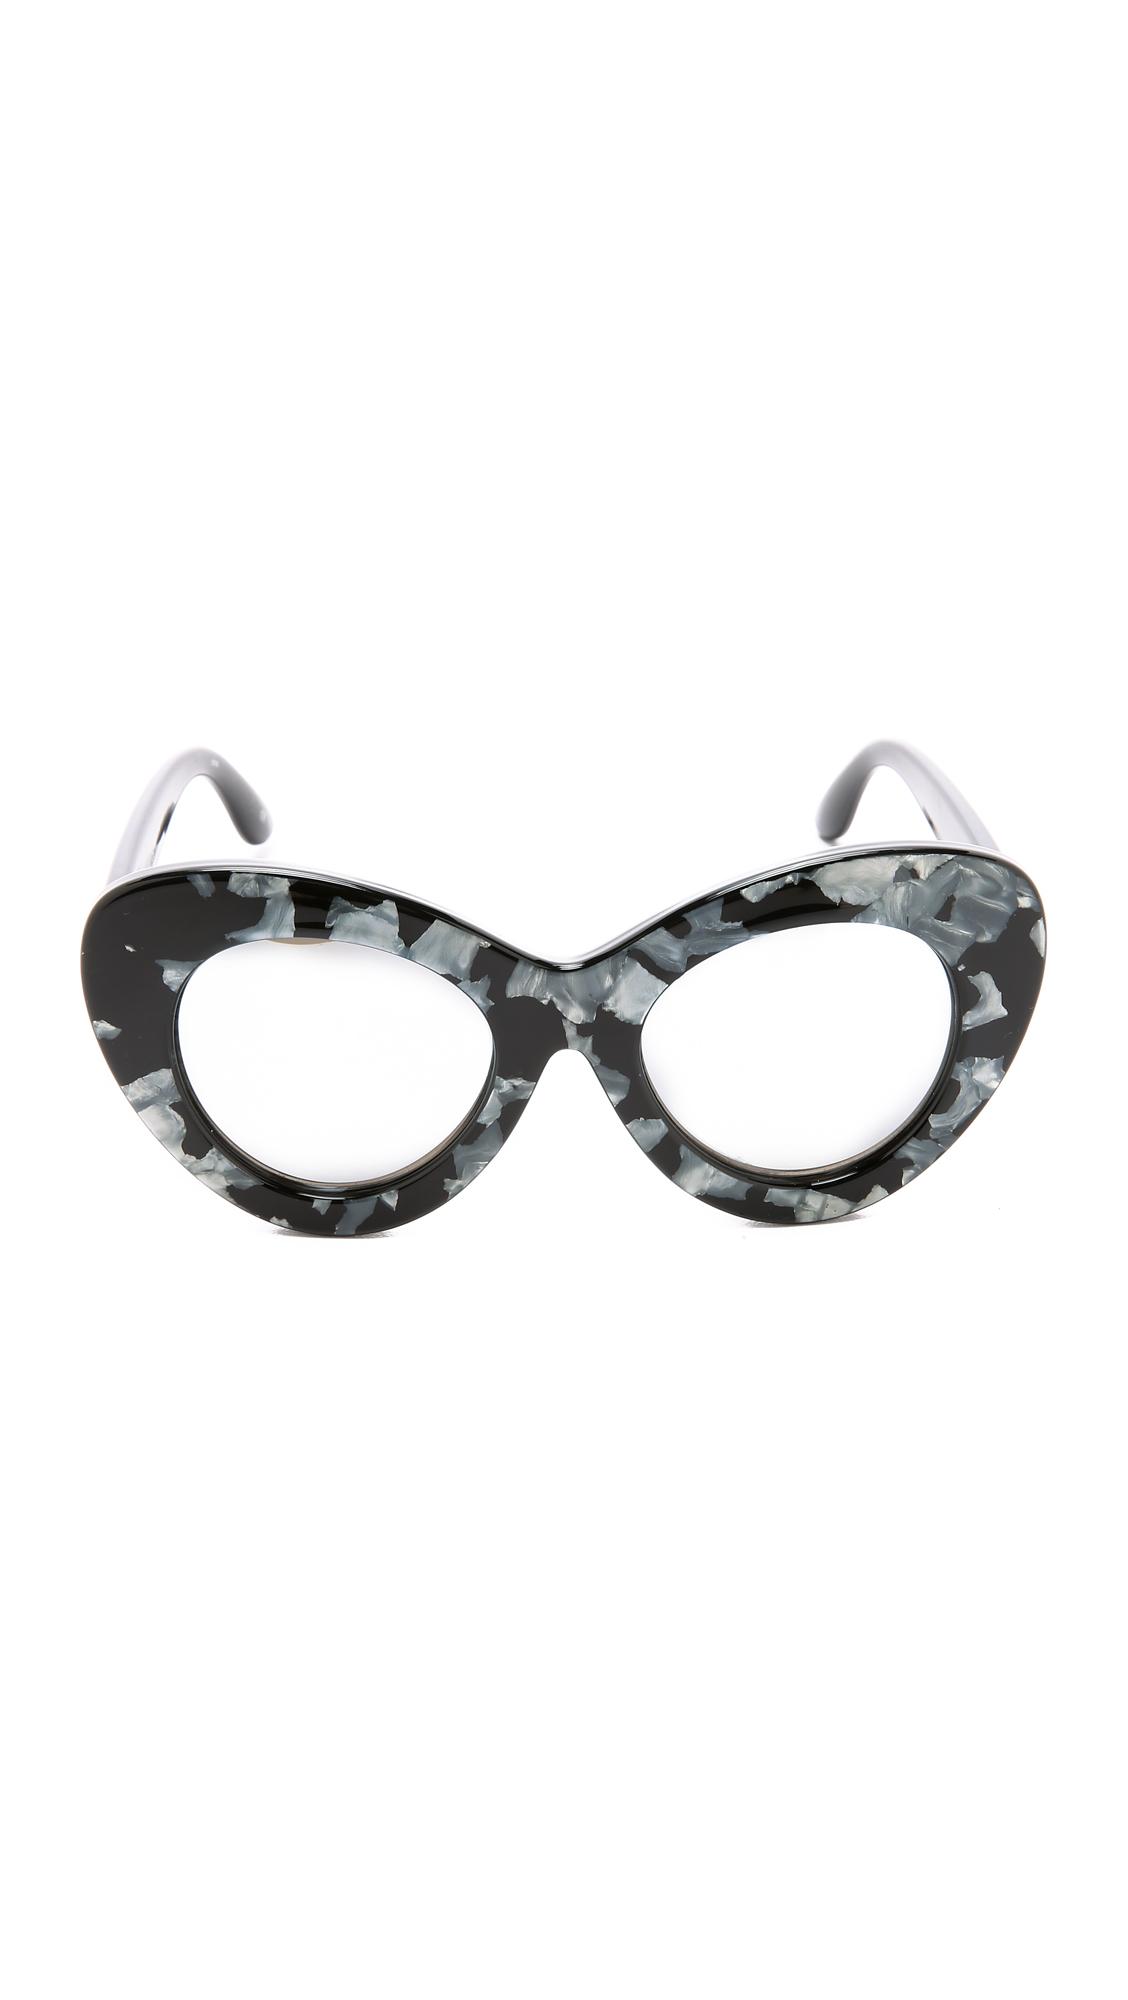 Le Specs Go Go Go Sunglasses - Black Marble/silver Revo